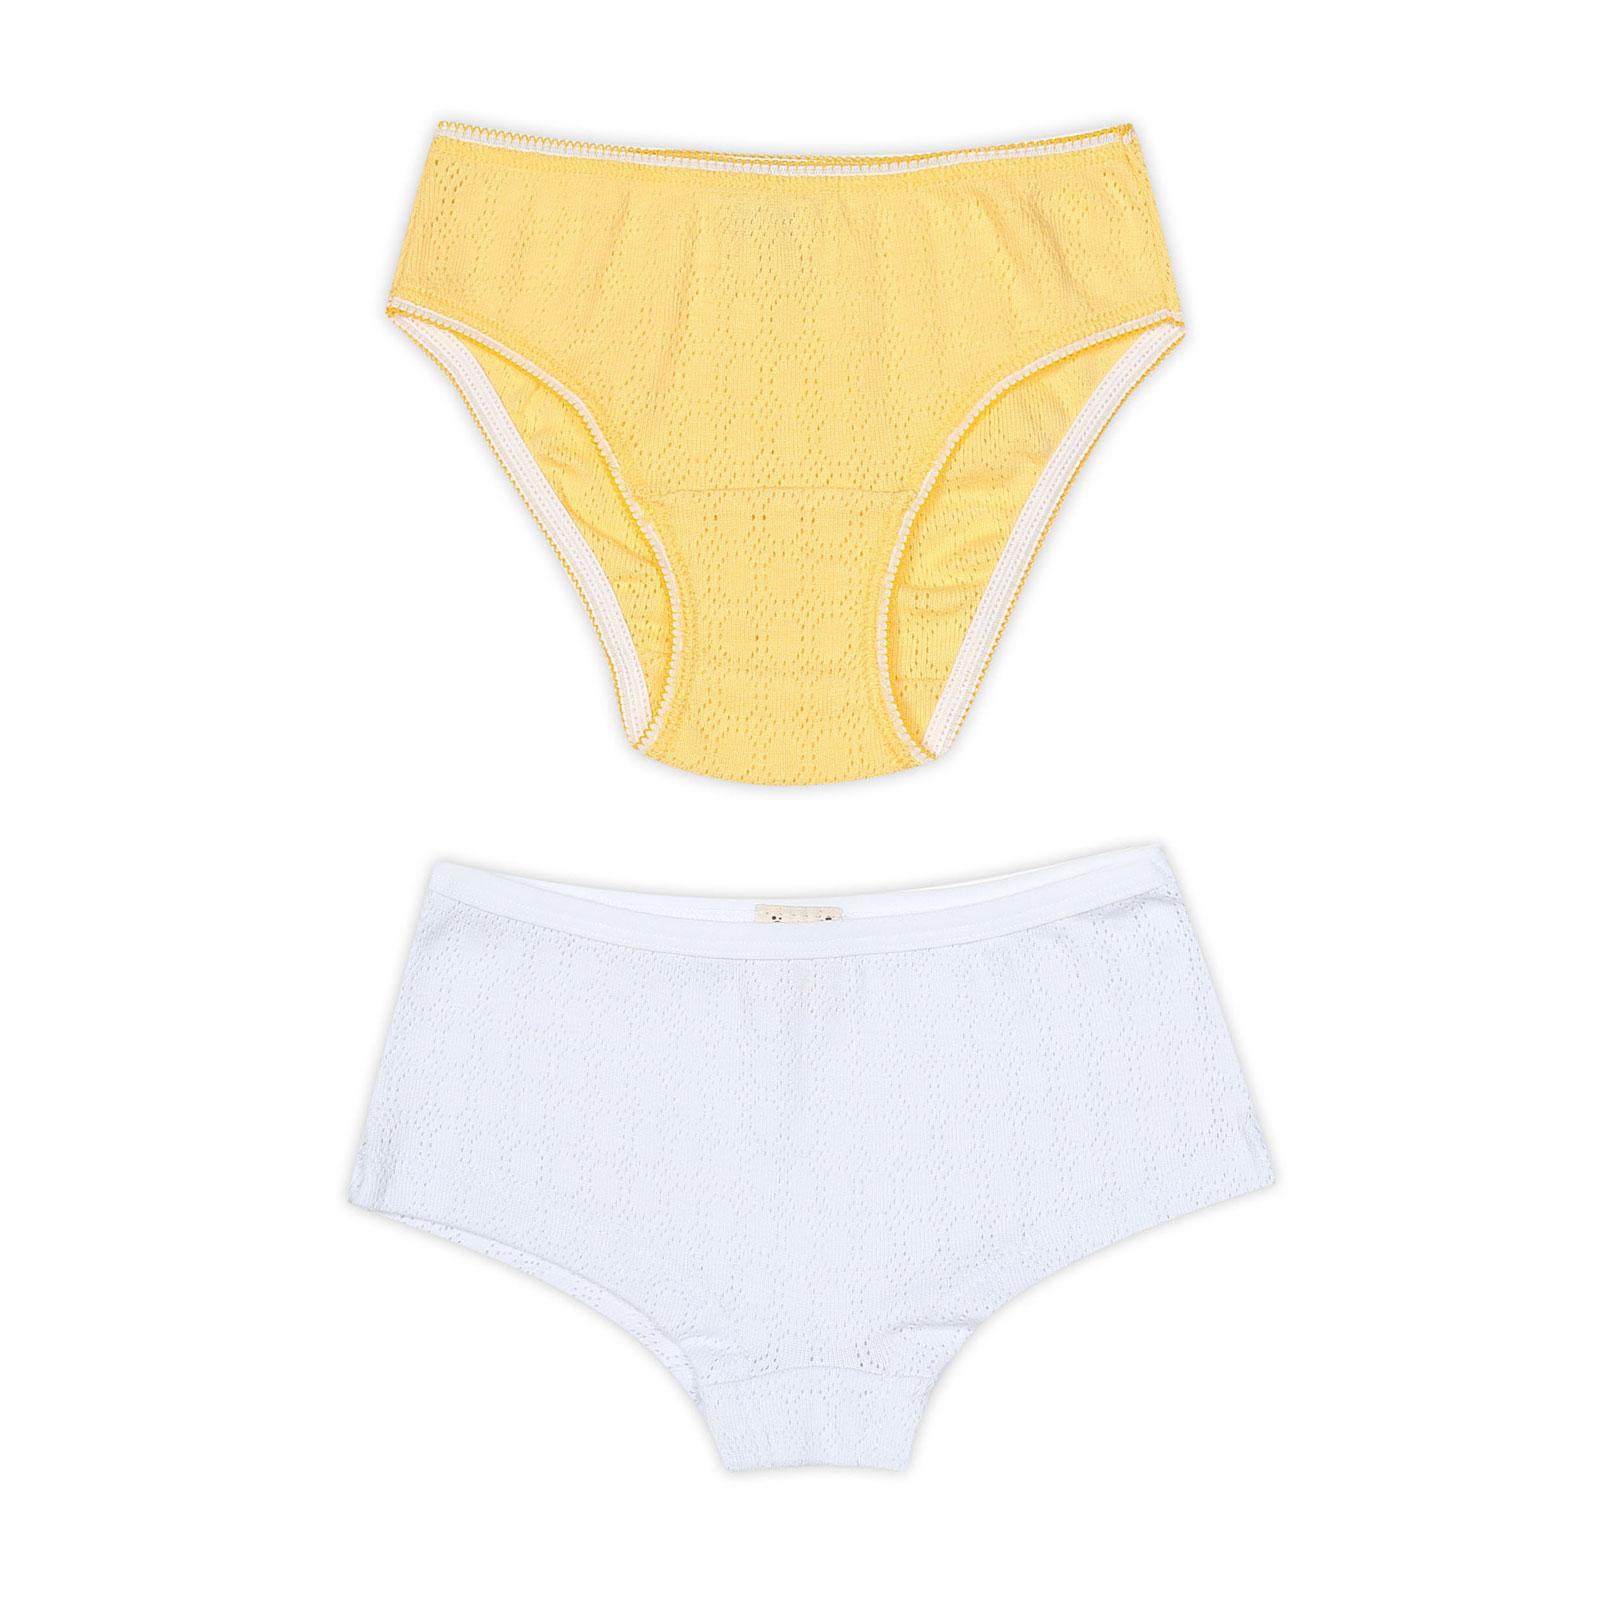 Комплект Ёмаё трусиков (34-102) рост 92 белый с желтым (2шт)<br>